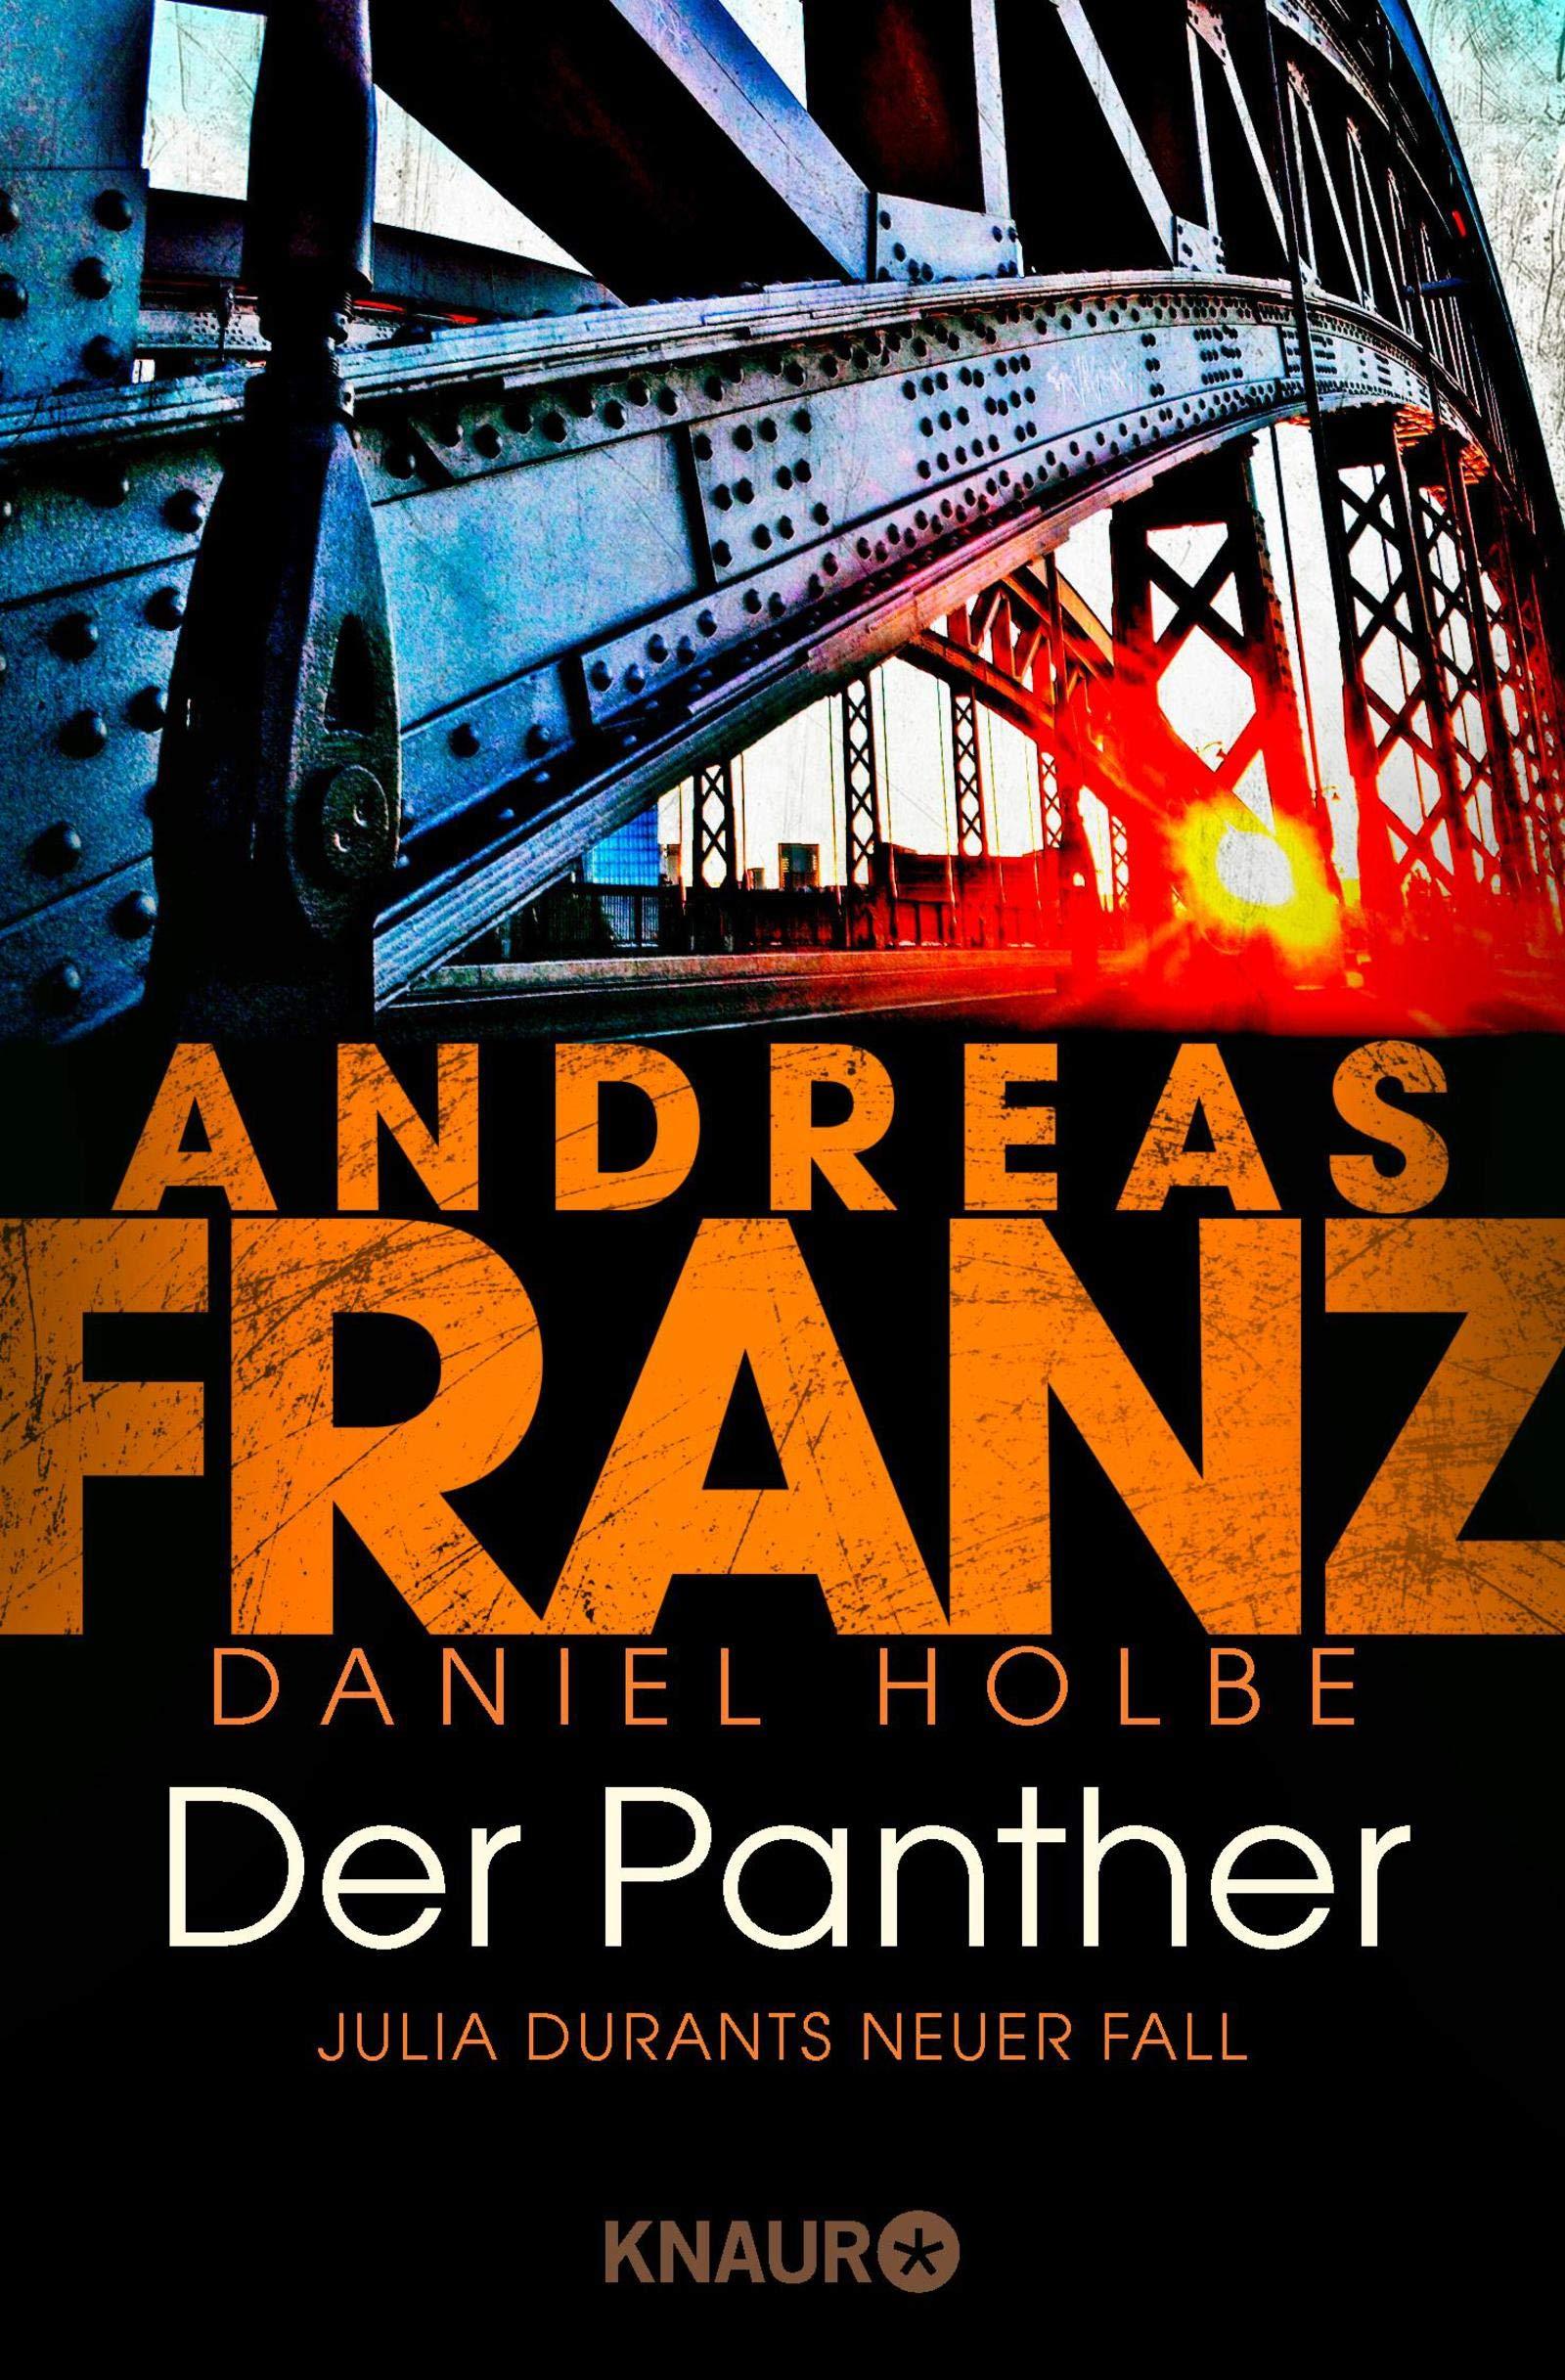 Der Panther: Julia Durants neuer Fall (Julia Durant ermittelt, Band 19)